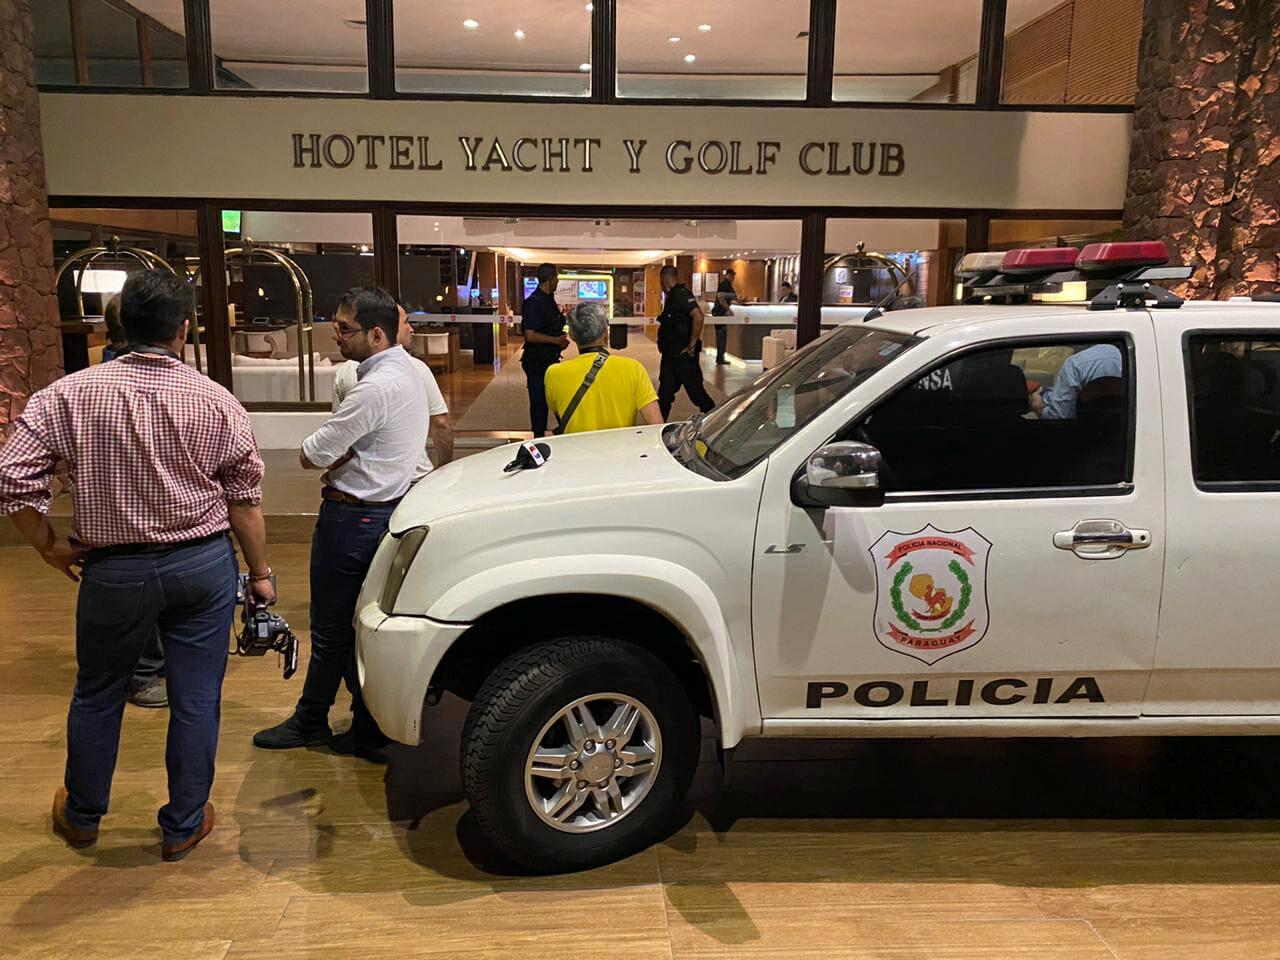 Συνελήφθη ο Ροναλντίνιο στην Παραγουάη! [pics]